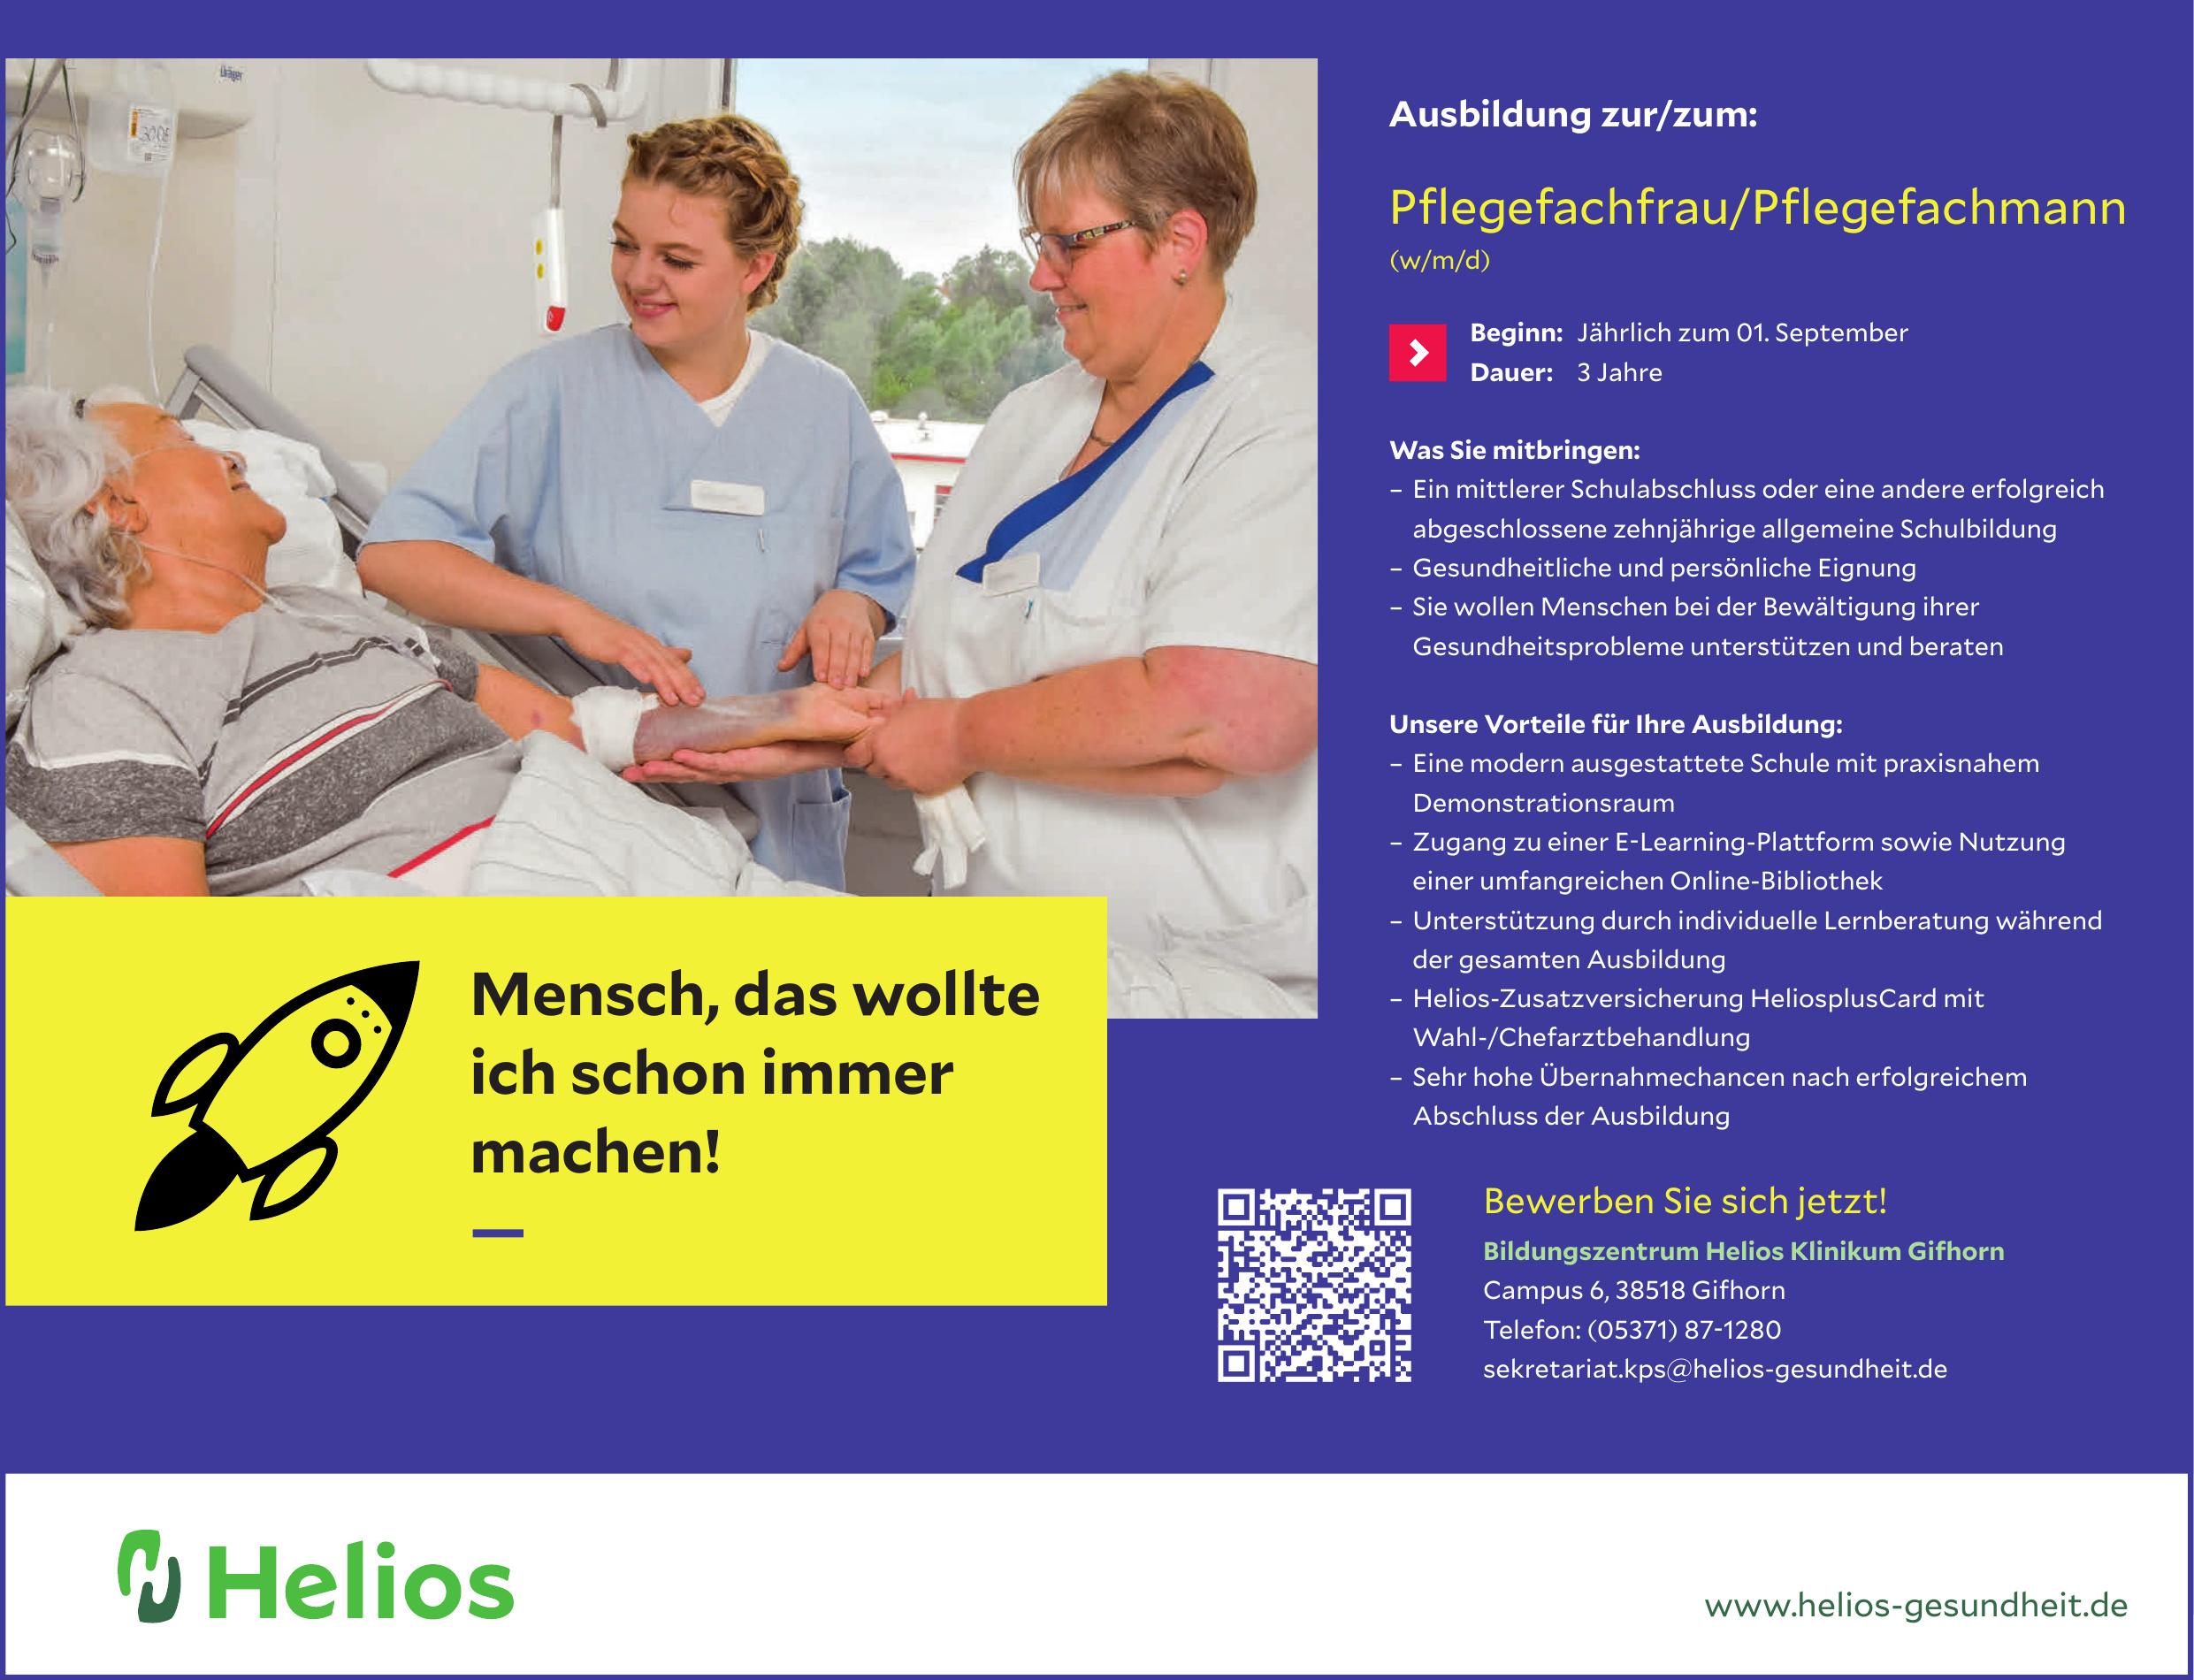 Bildungszentrum Helios Klinikum Gifhorn